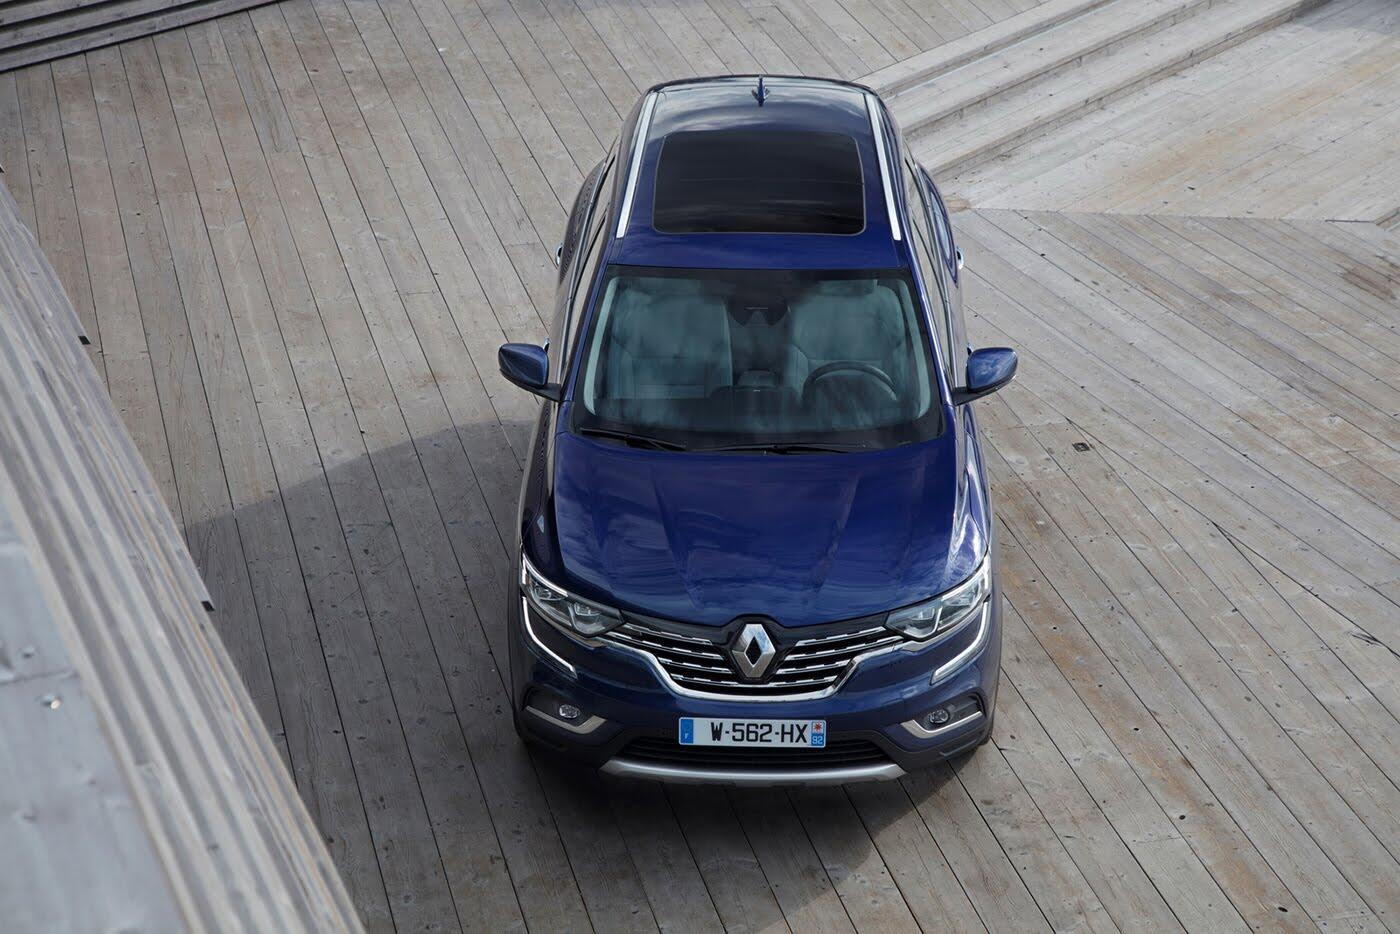 Xem thêm ảnh Renault Koleos 2017 - Hình 14